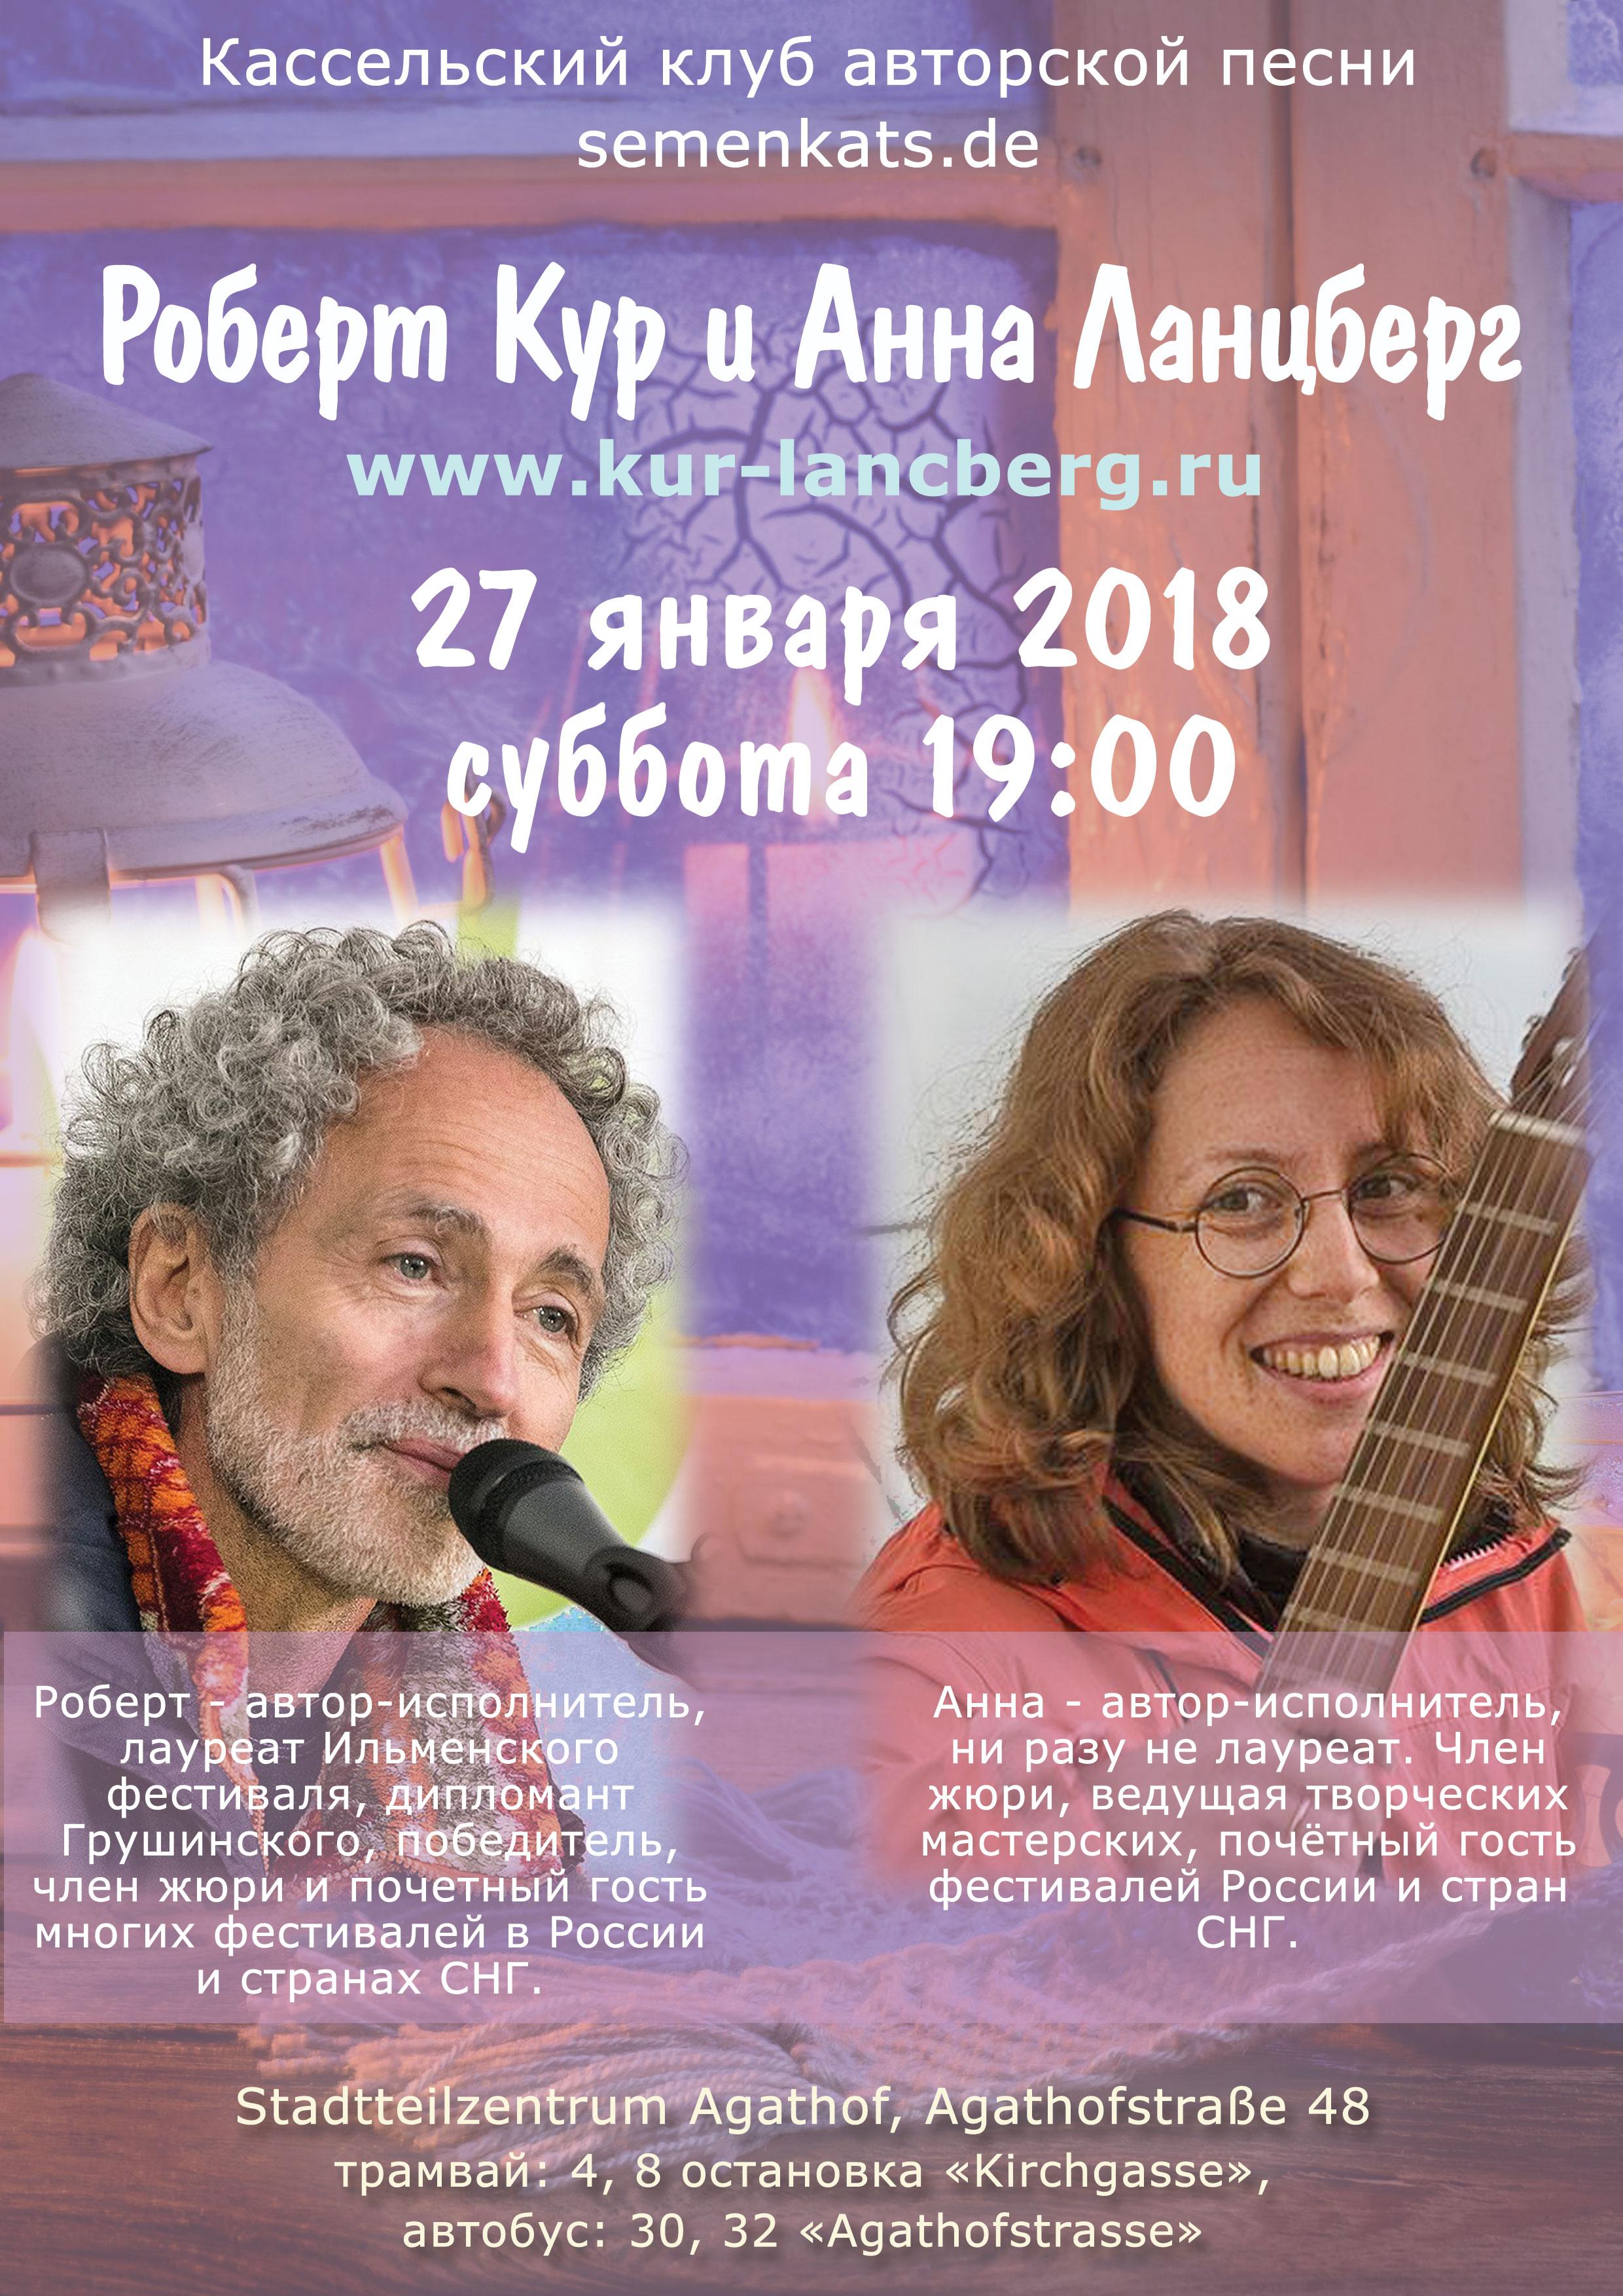 Роберт Кур и Анна Ланцберг в Касселе, 27.01.2018 г.